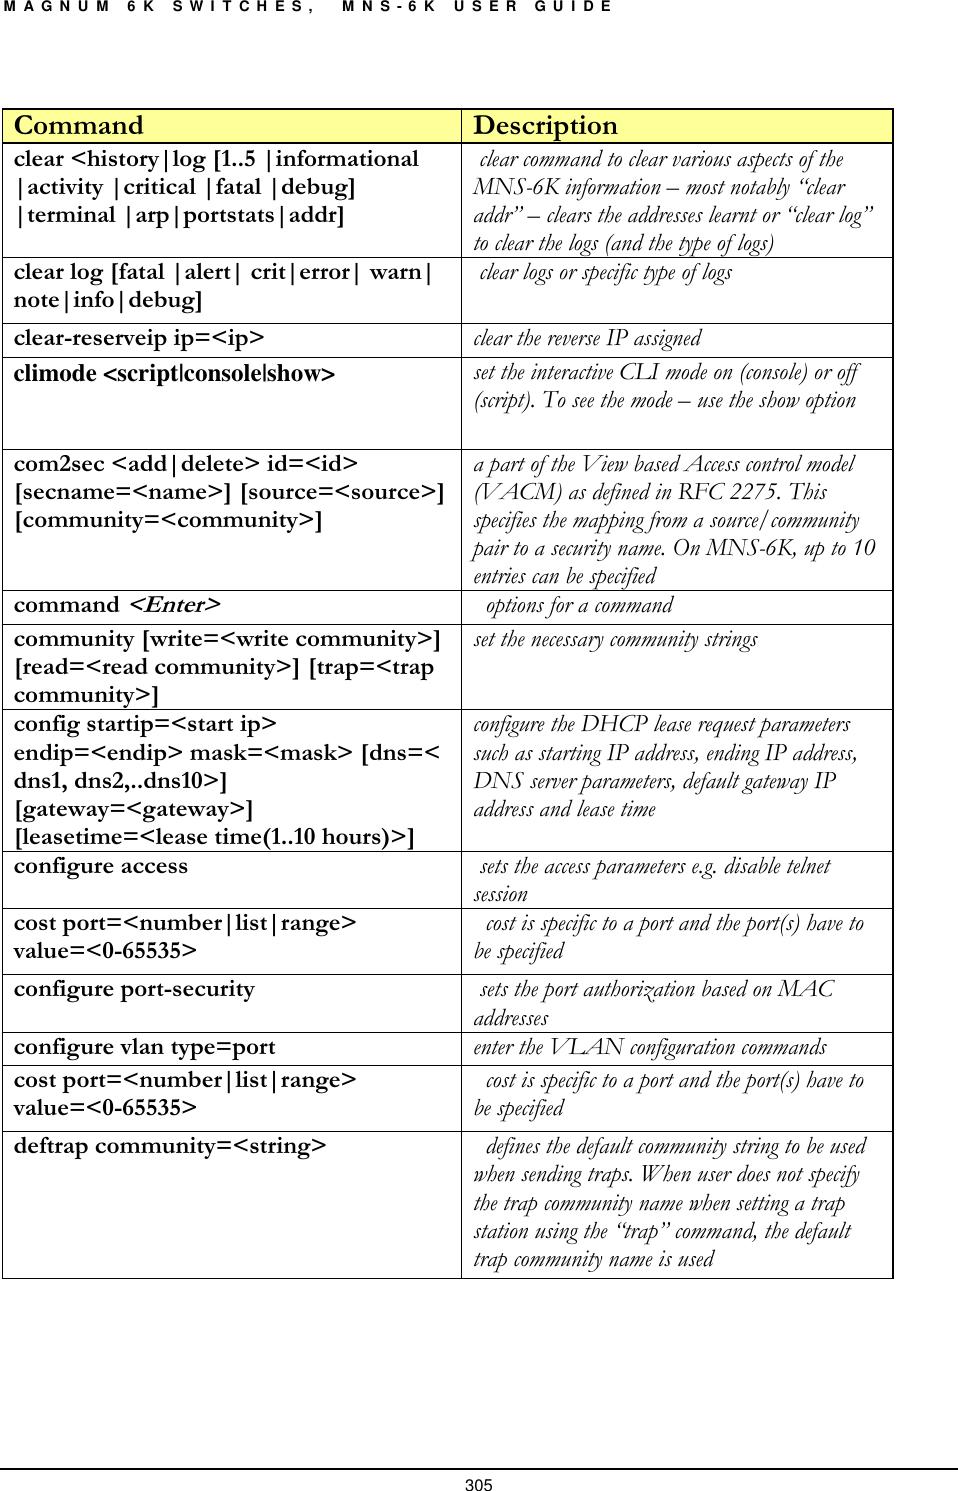 Garrettcom Mns 6K 4 1 Users Manual MAGNUM SERIES